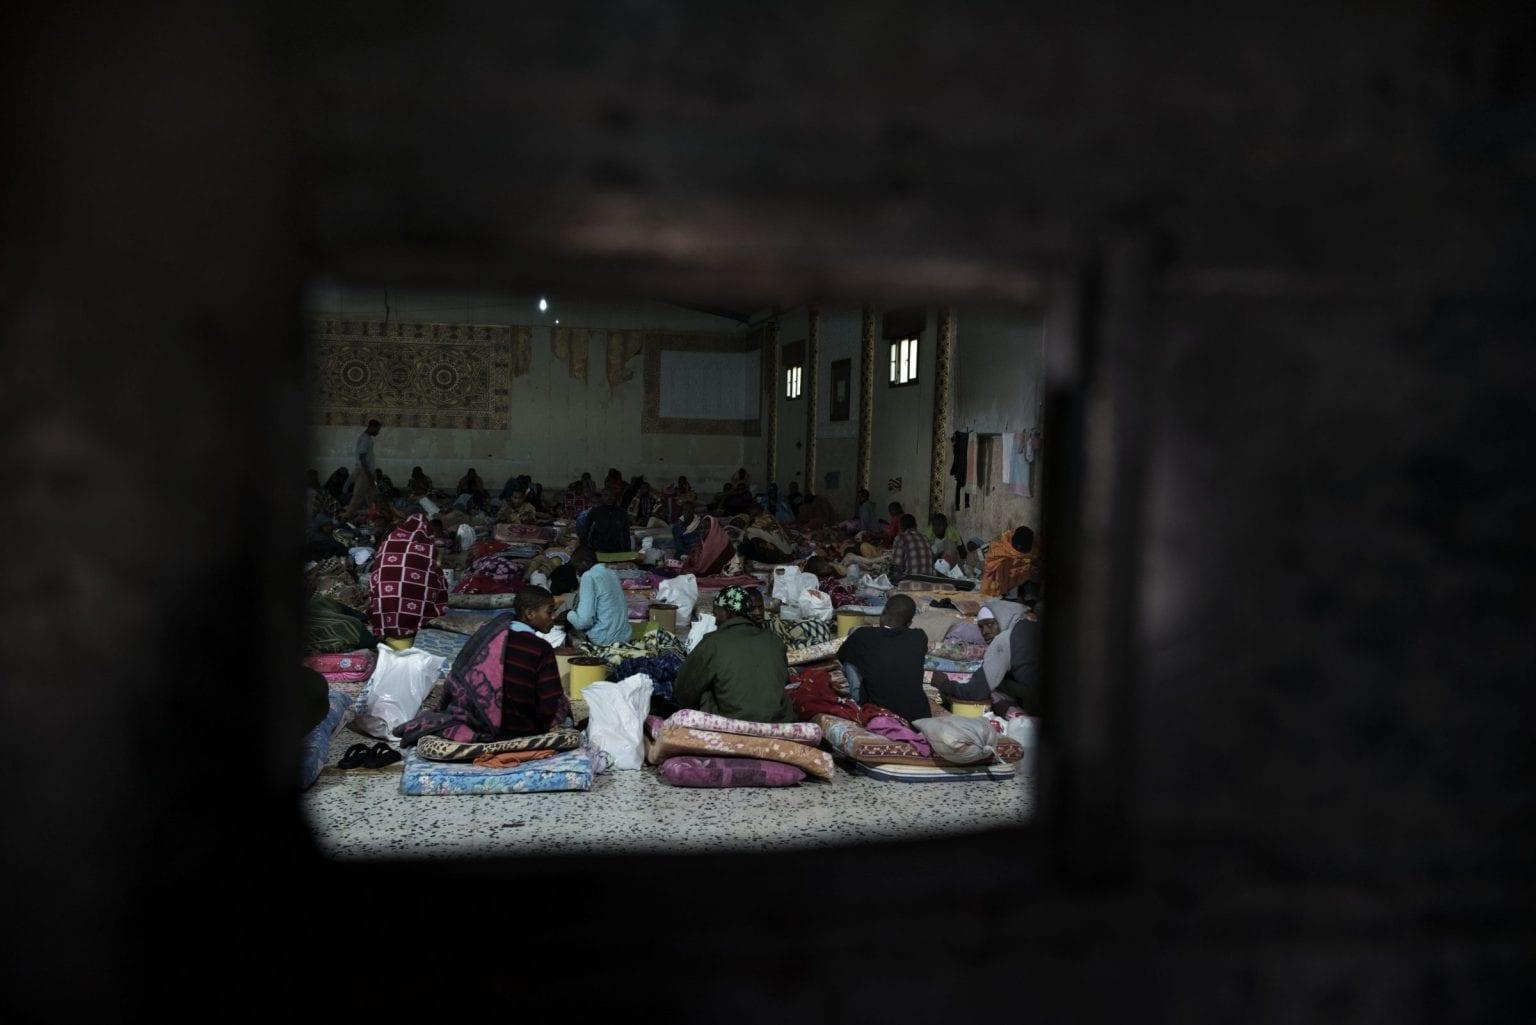 Set gennem en jerndør - her sidder migranter på madrasser i et fængsel i Libyen. Foto: UNICEF